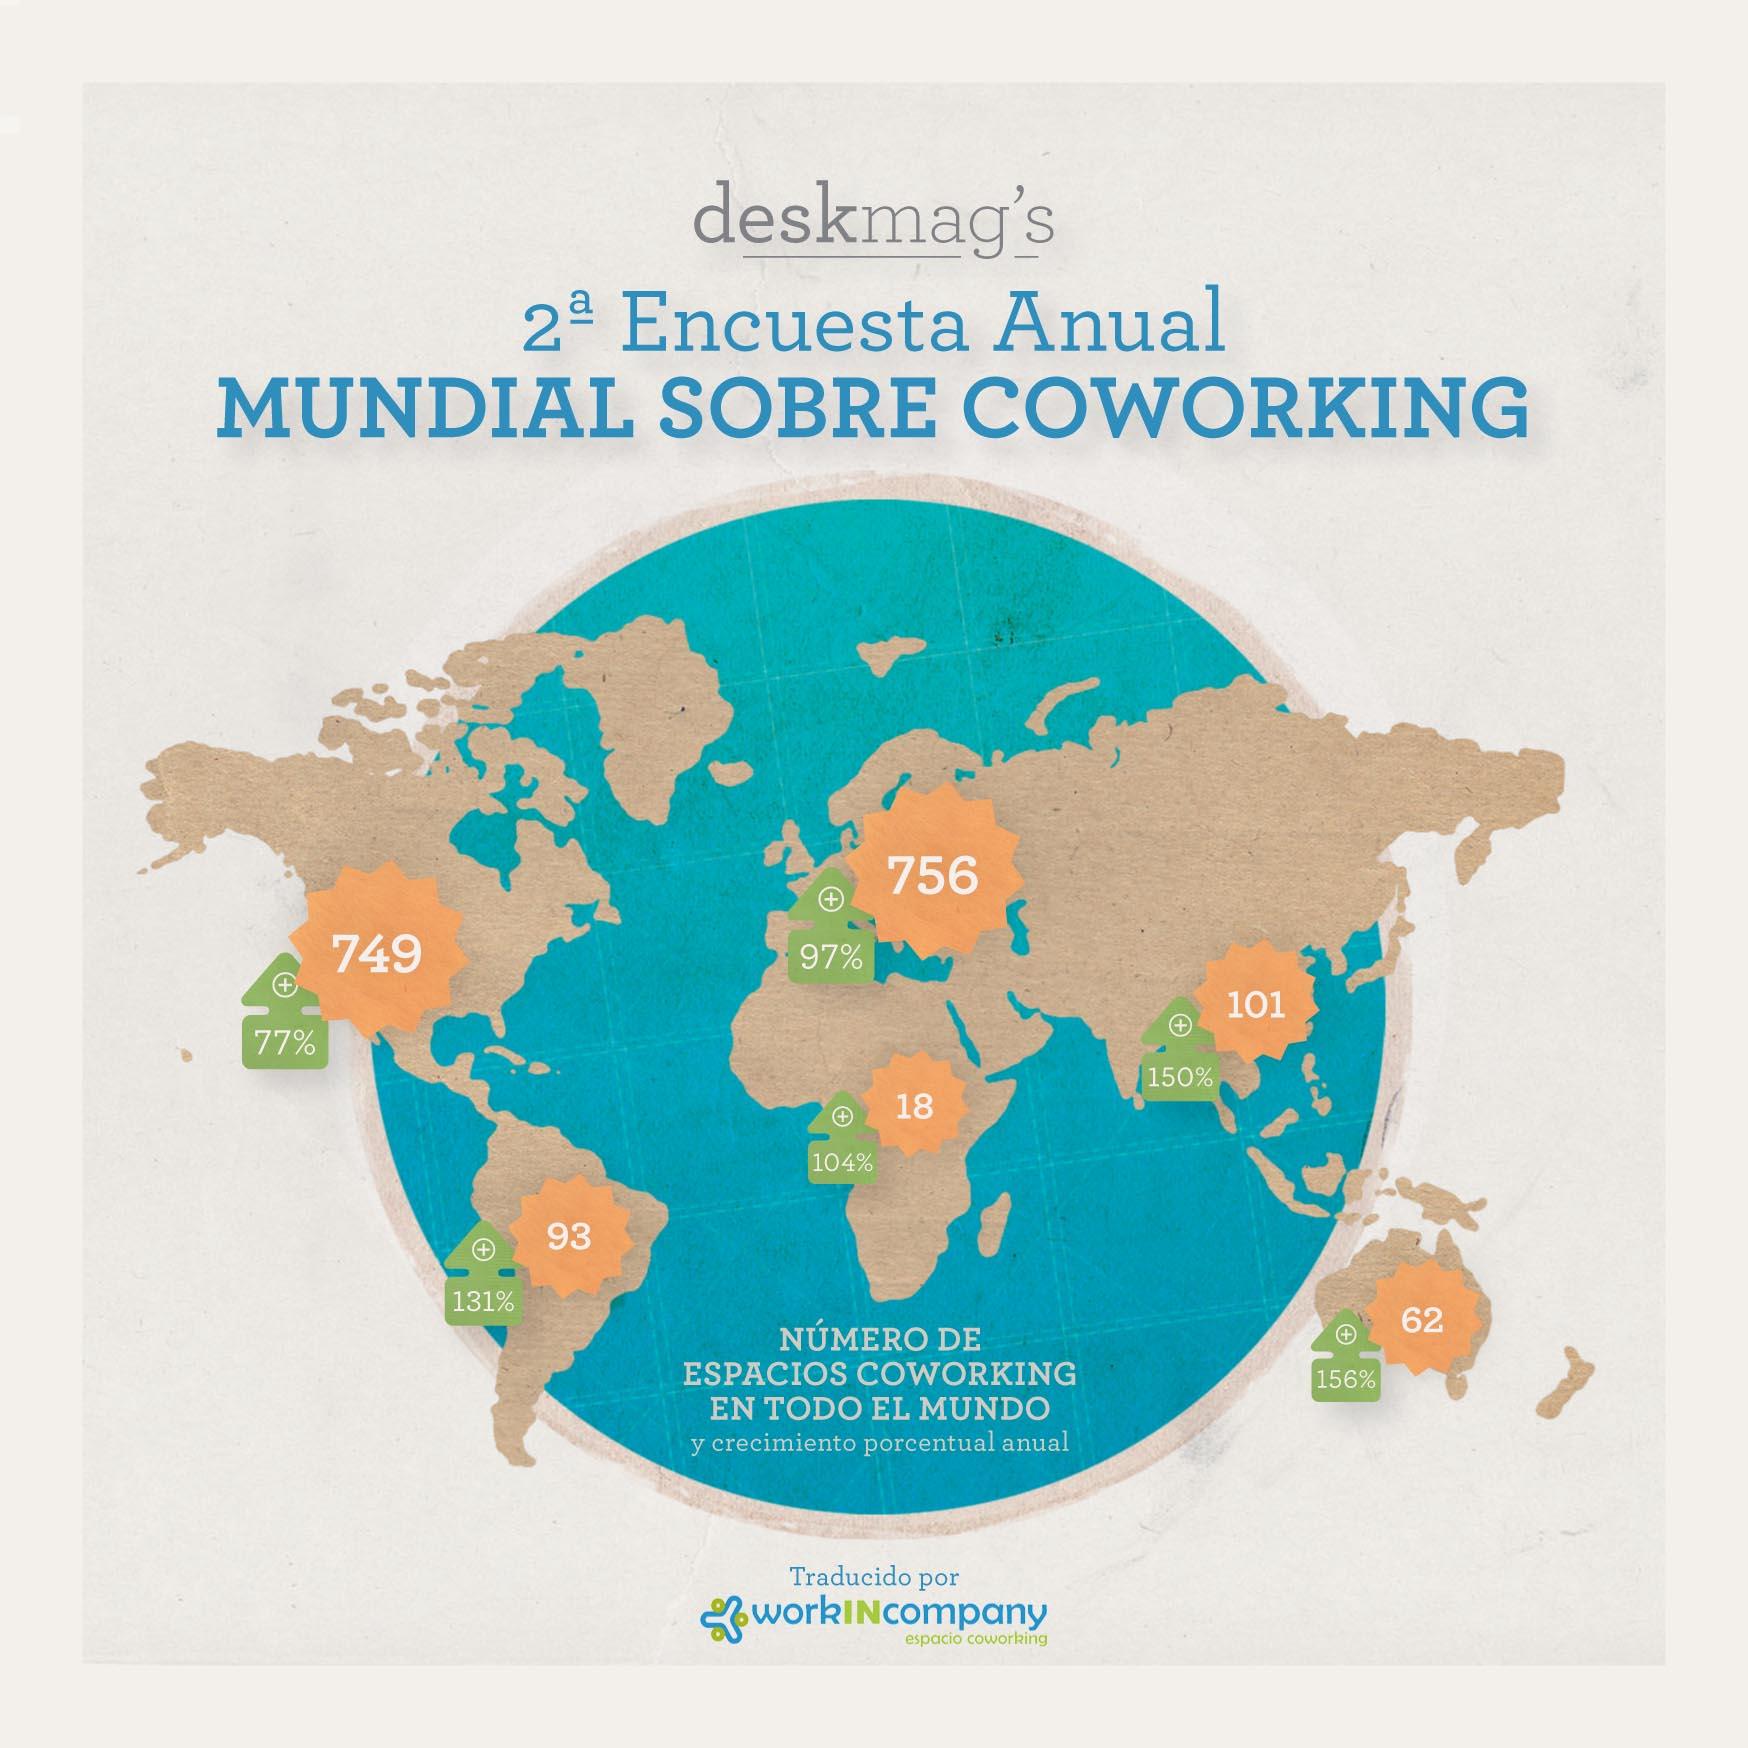 Resultados de la 2ª Encuesta Anual Mundial sobre Coworking de Deskmag